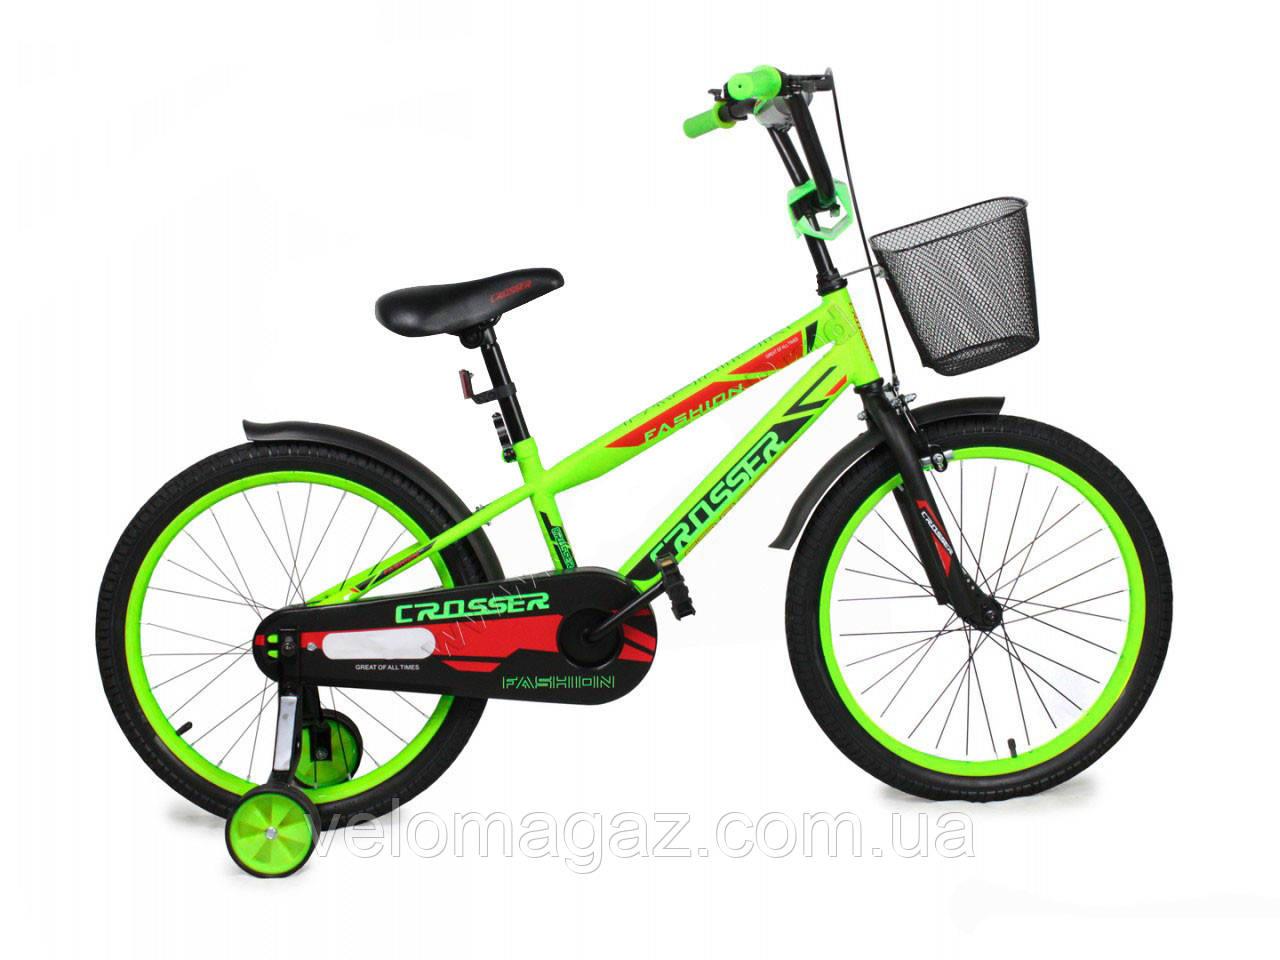 """Детский двухколесный велосипед Crosser JK-717 16"""""""